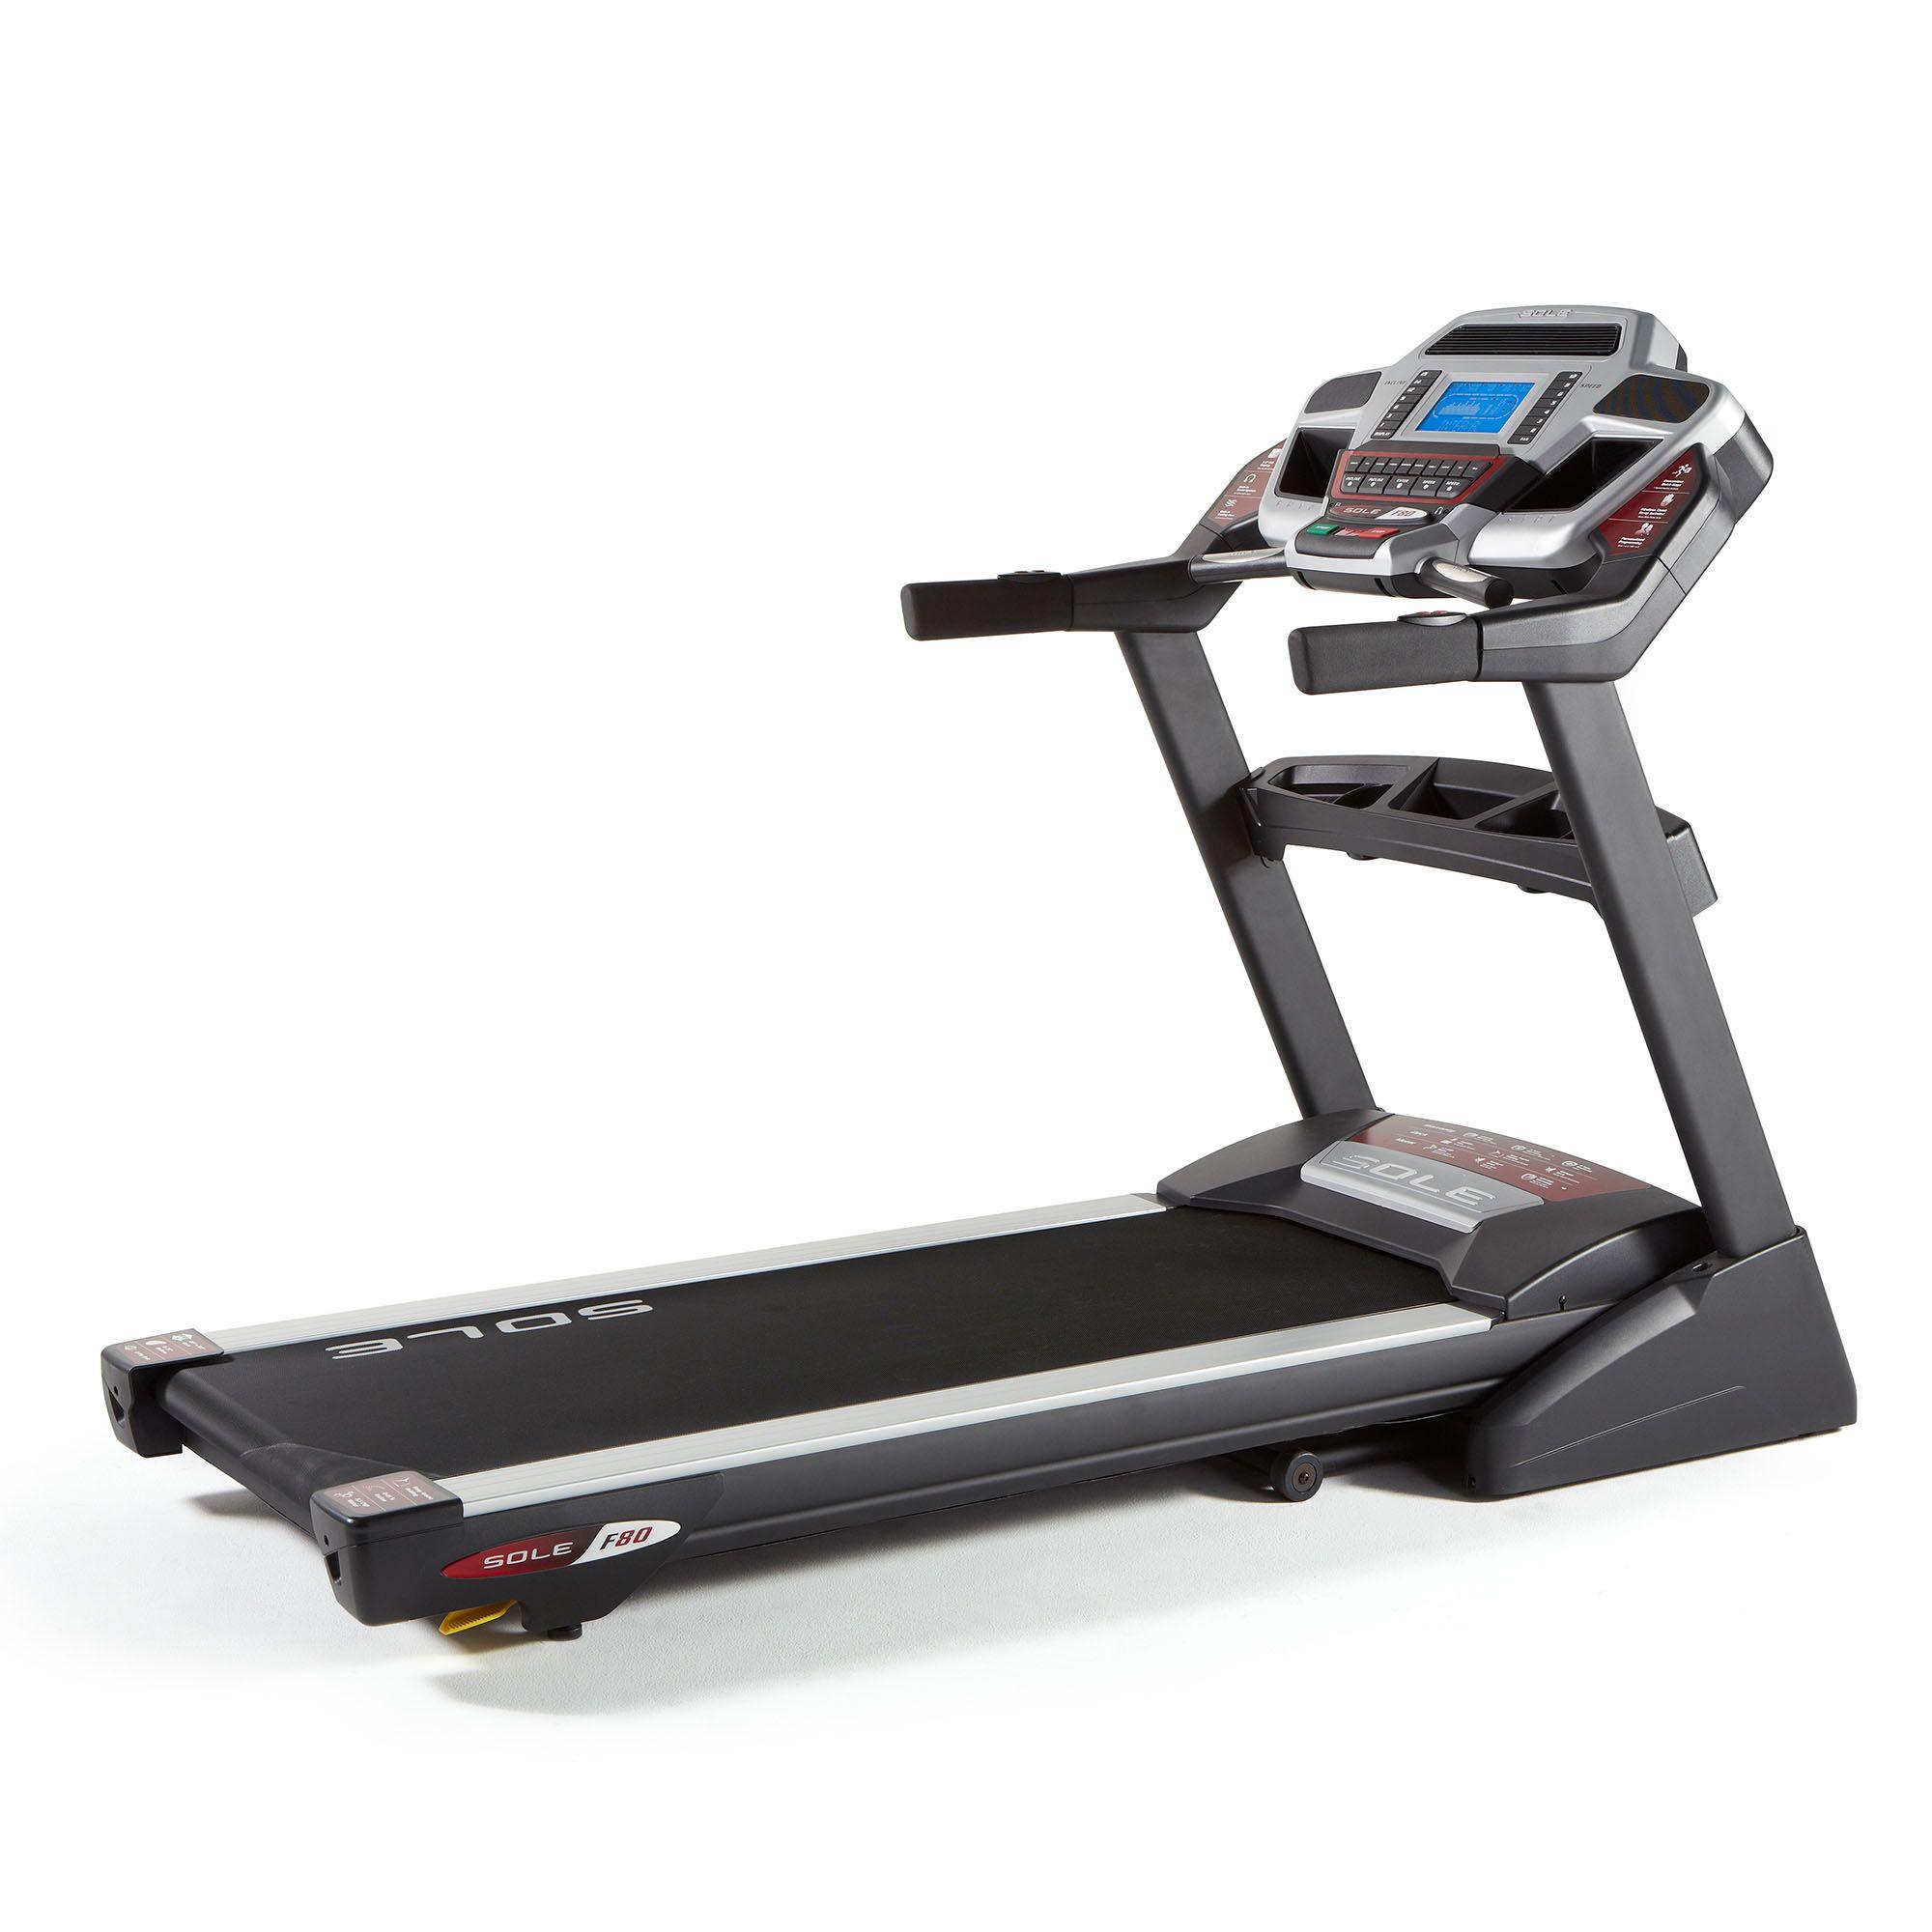 Used Sole Treadmill In Quikr: Sole F80 Treadmill